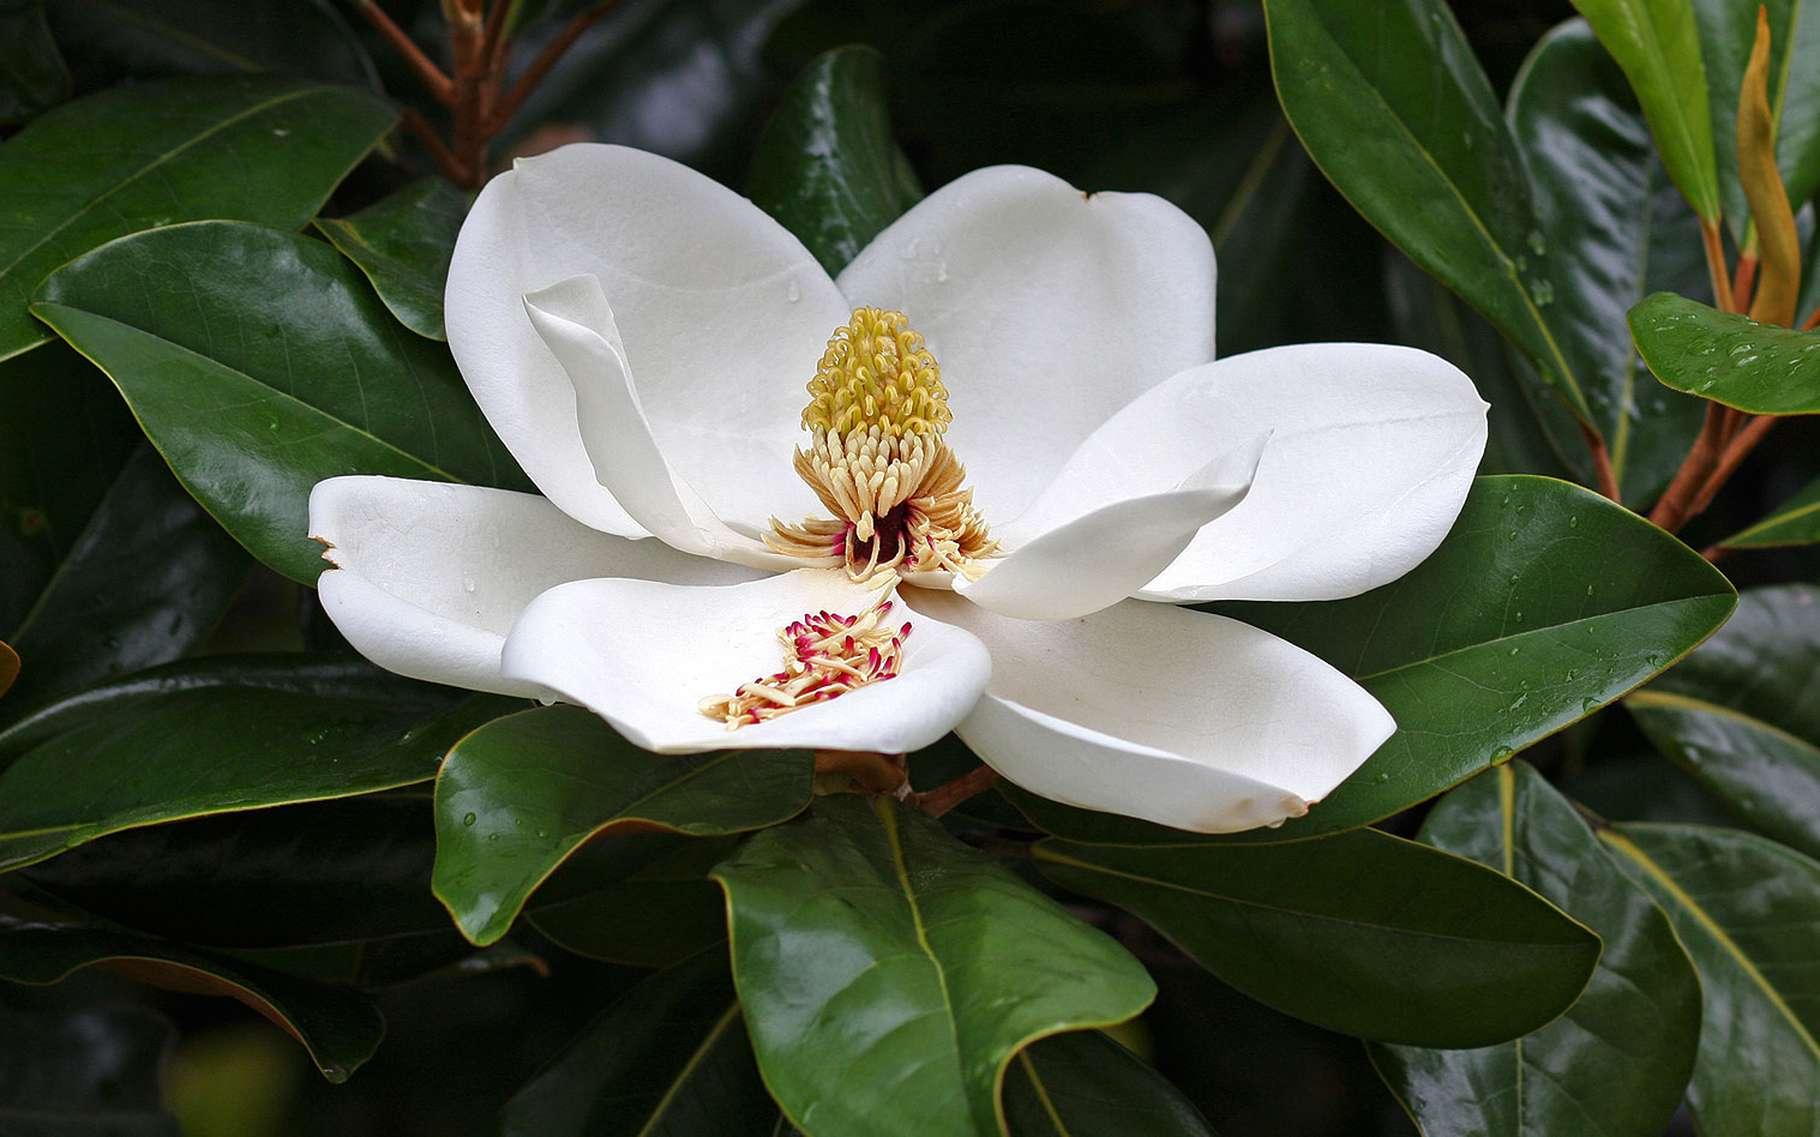 Le magnolia à grandes fleurs appartient à la famille des magnoliacées. © H G M, Flickr CC by nc-nd 2.0